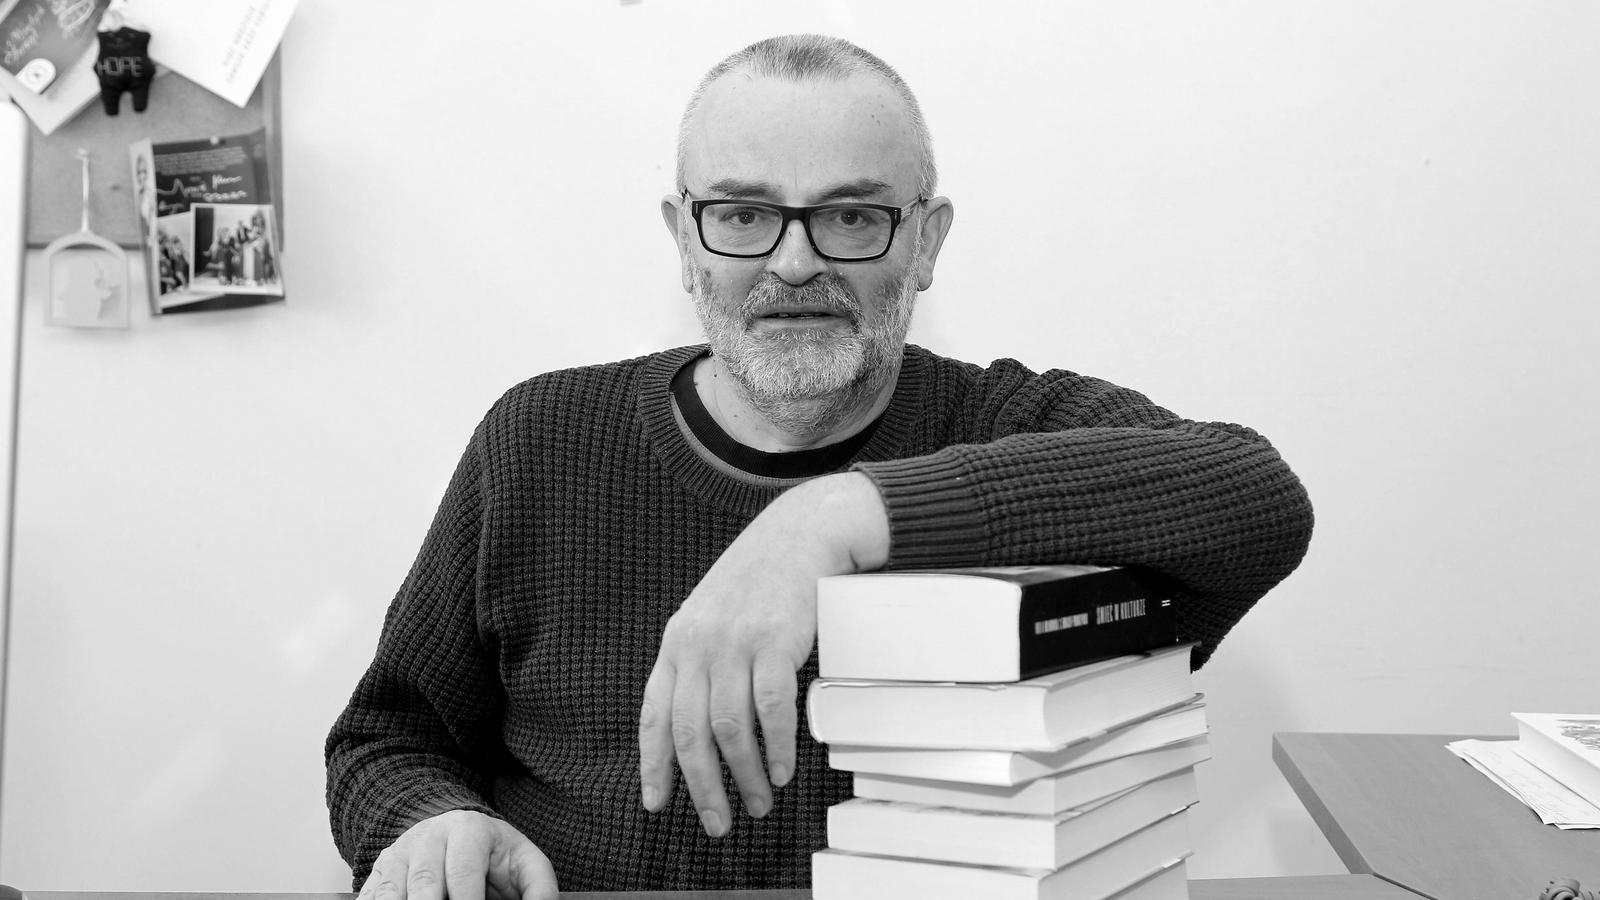 Nie żyje publicysta Piotr Bratkowski. Przegrał walkę z ciężką chorobą